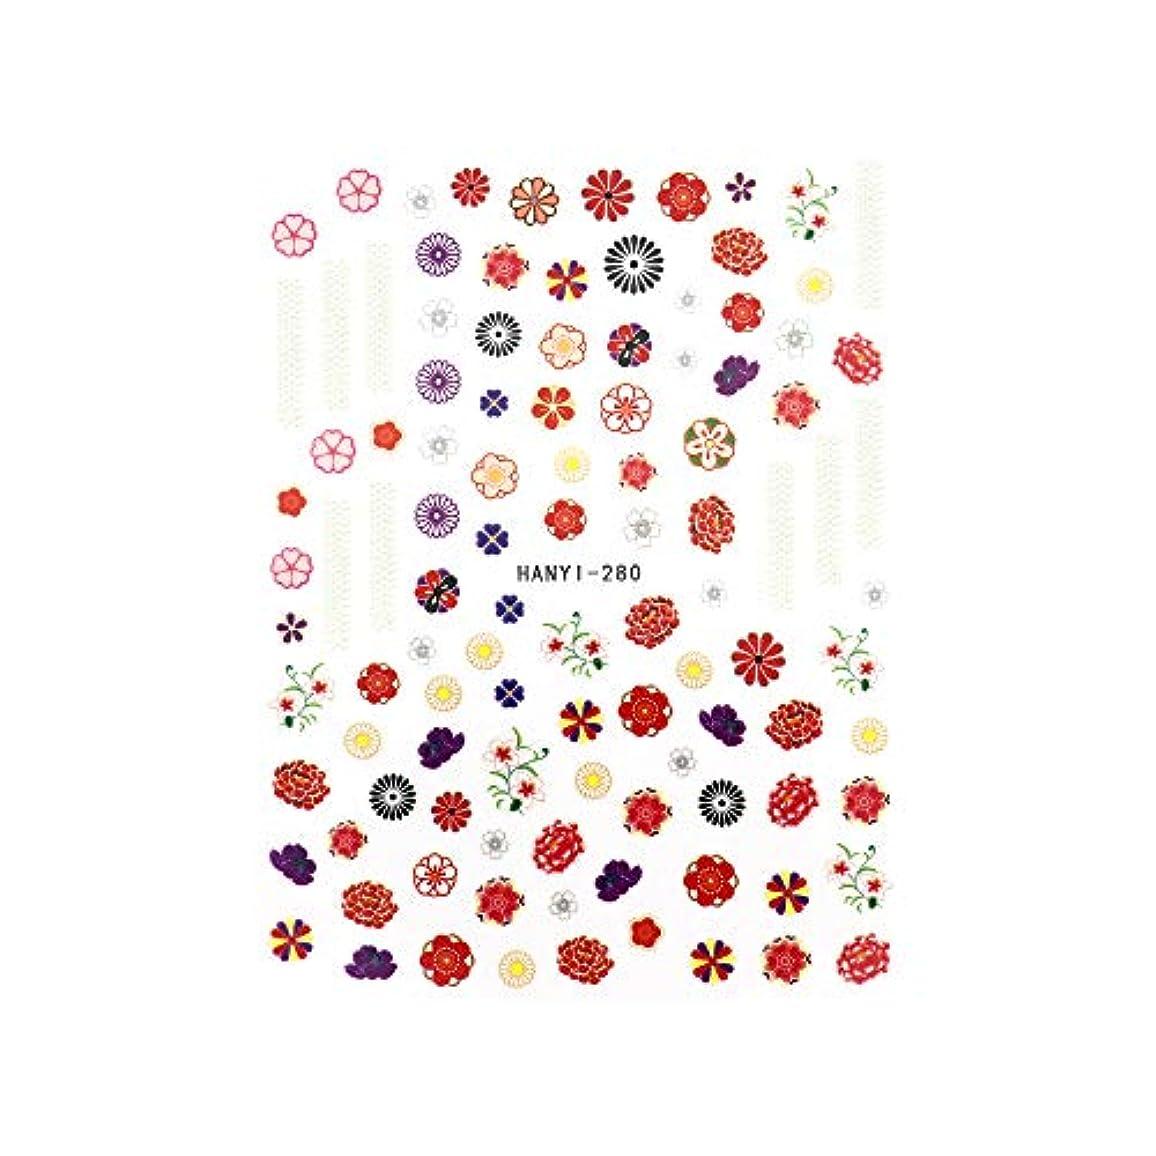 分解するトンネル考えたネイルシール 古典和花シール【HANYI-280】古典和花シール レッドフラワーネイル 花柄 和柄ネイル 和装ネイル フラワーシール 浴衣 着物 桜 牡丹